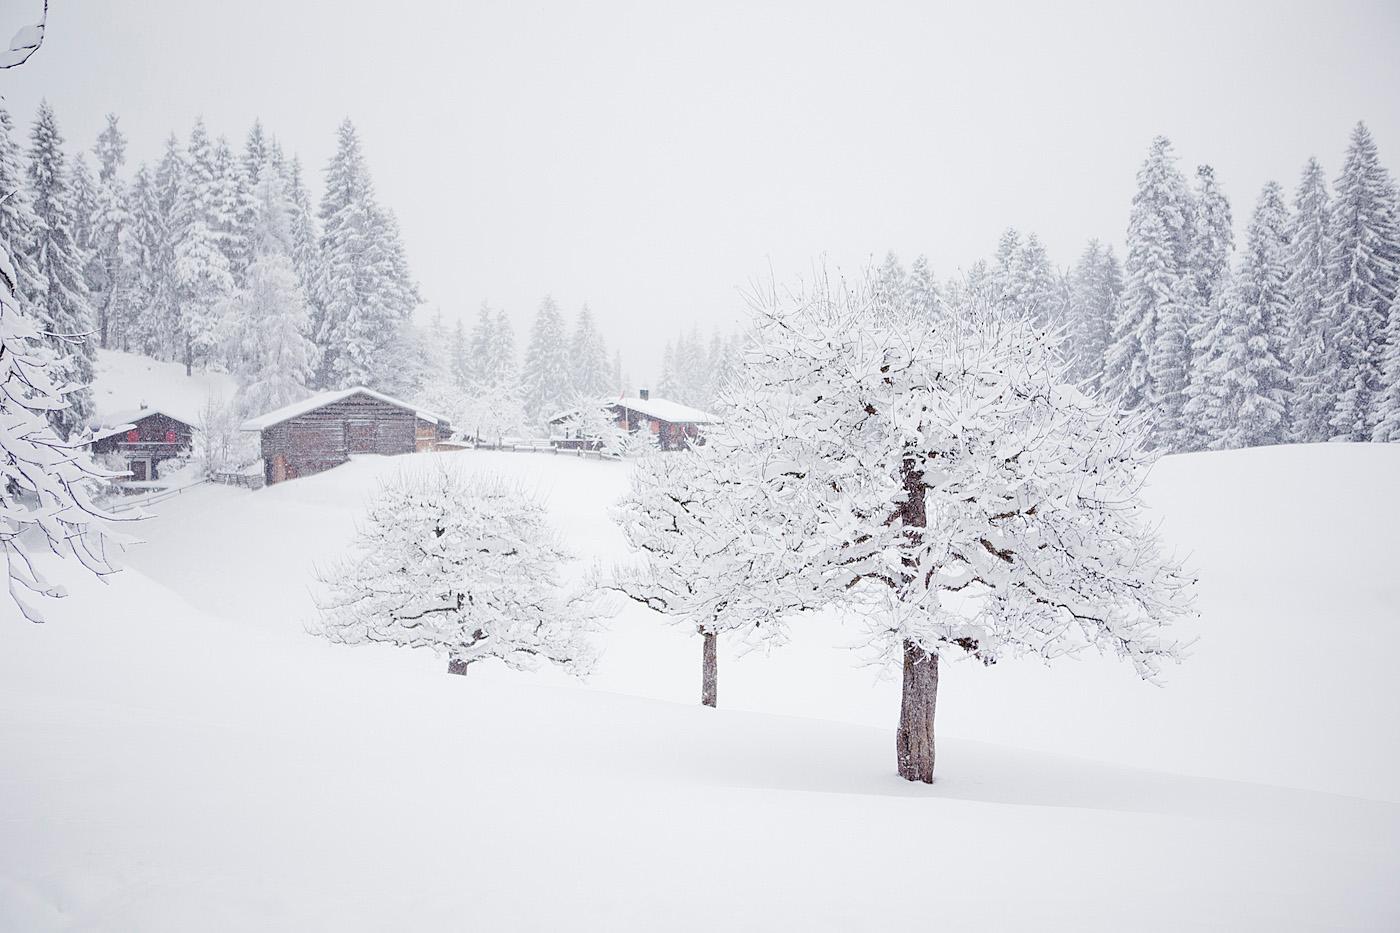 Kulinarik Trail Laax / Flims |Skigebiet LAAX, LAAXisniceyo, Graubünden, skiing in LAAX, culinary trail LAAX/Flims, ski weekend LAAX, winter holiday, winter in Switzerland